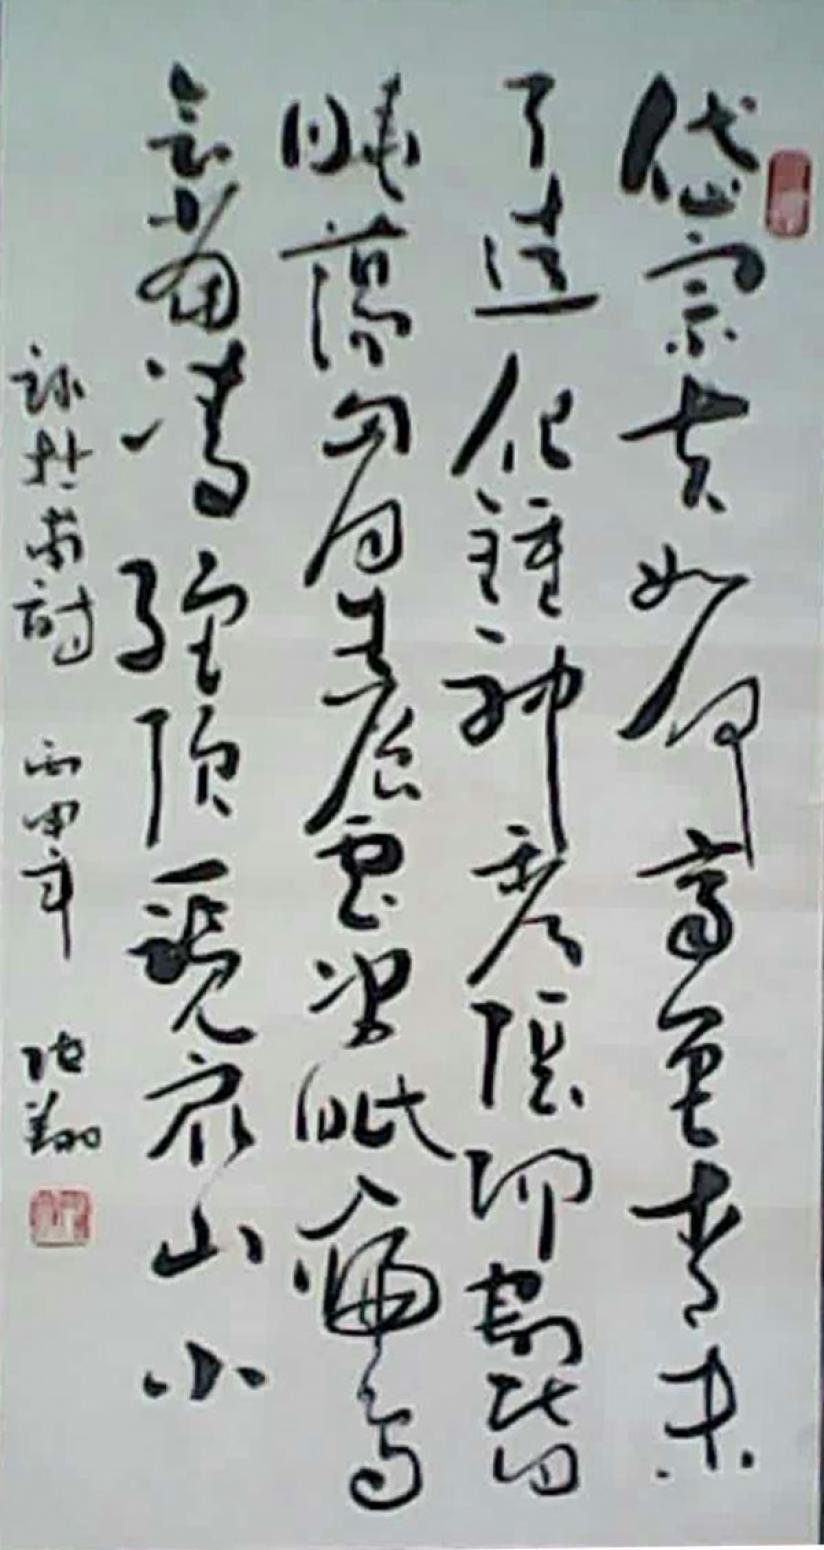 张翔书法作品《【书法 可定制】作者张翔》【图0】